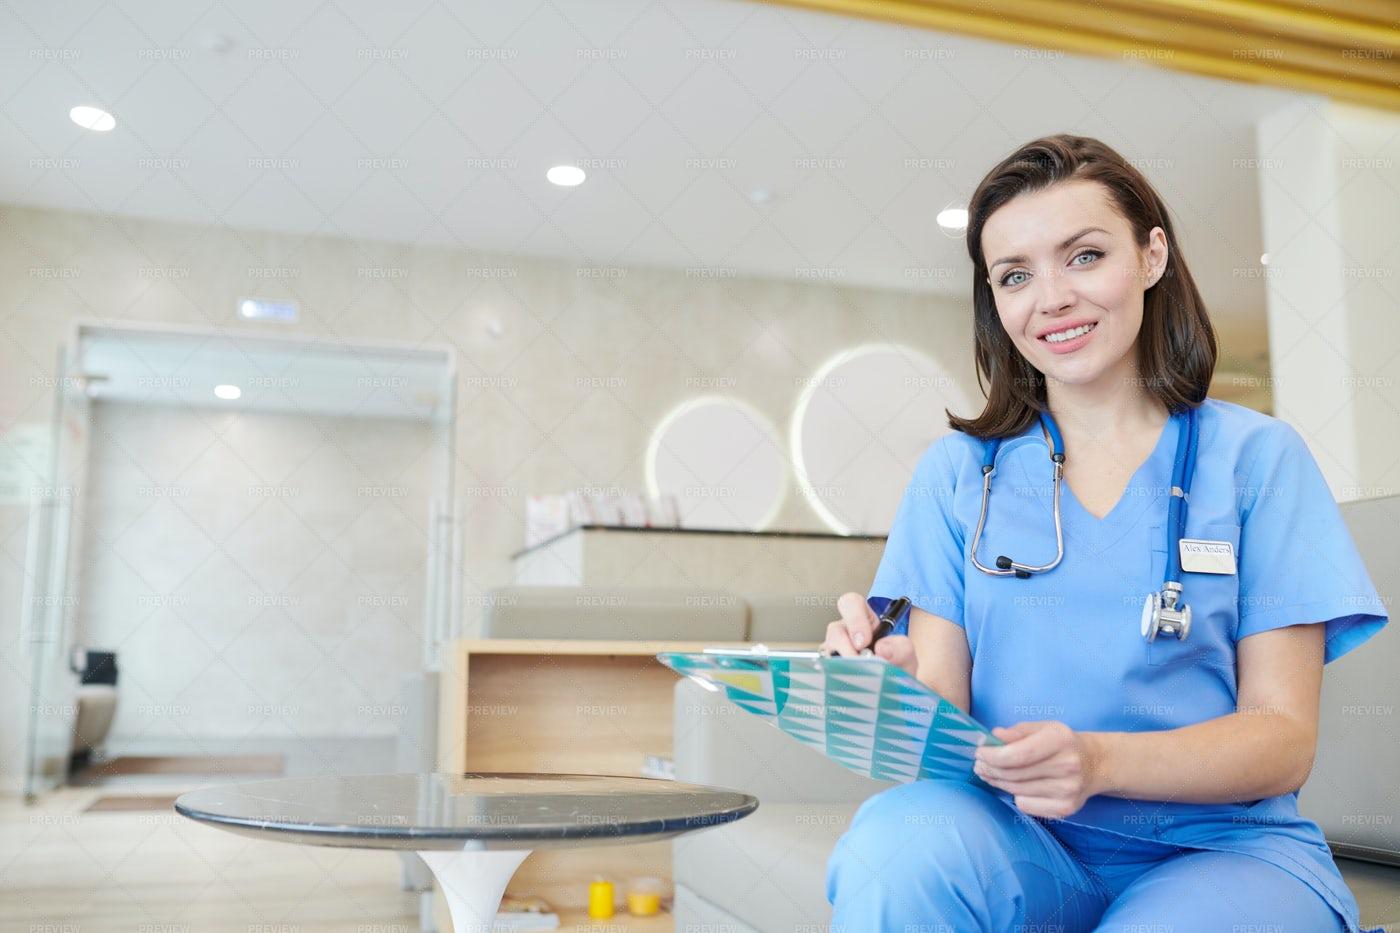 Nurse Posing In Clinic: Stock Photos